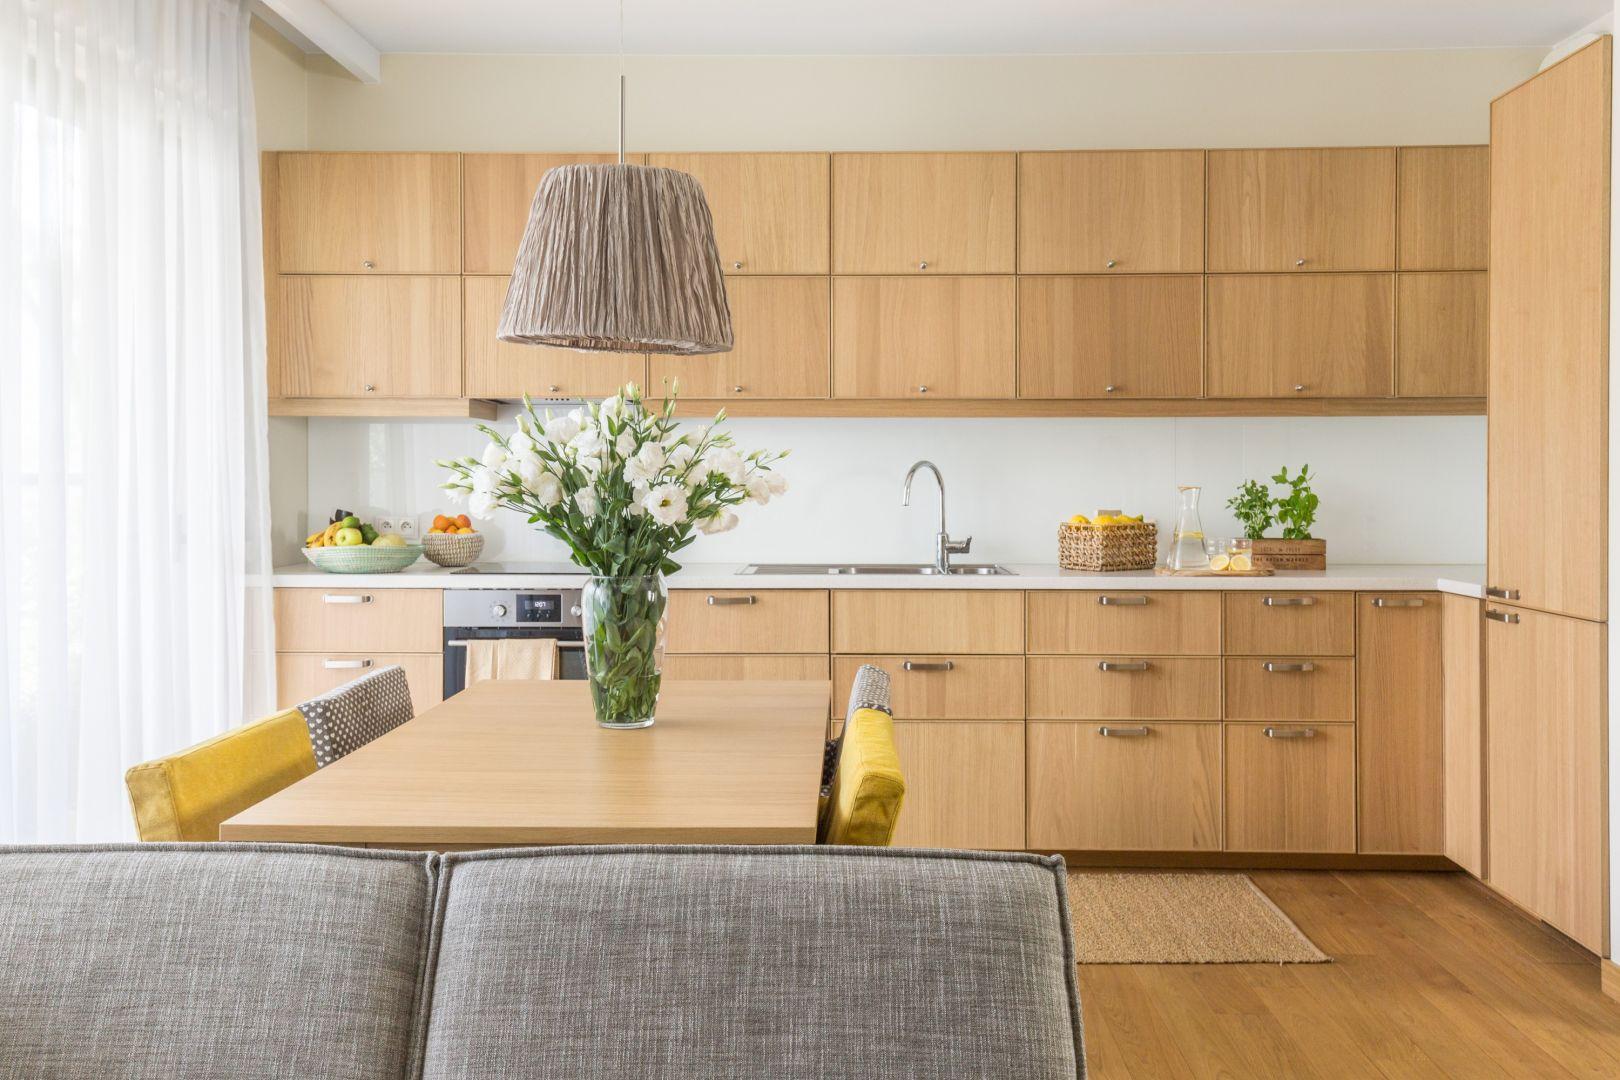 Drewno przywodzi na myśl prostotę, spokój i harmonię, a jednocześnie jest szykowne i eleganckie. Projekt Dorota Kudła. Fot. Pion Poziom